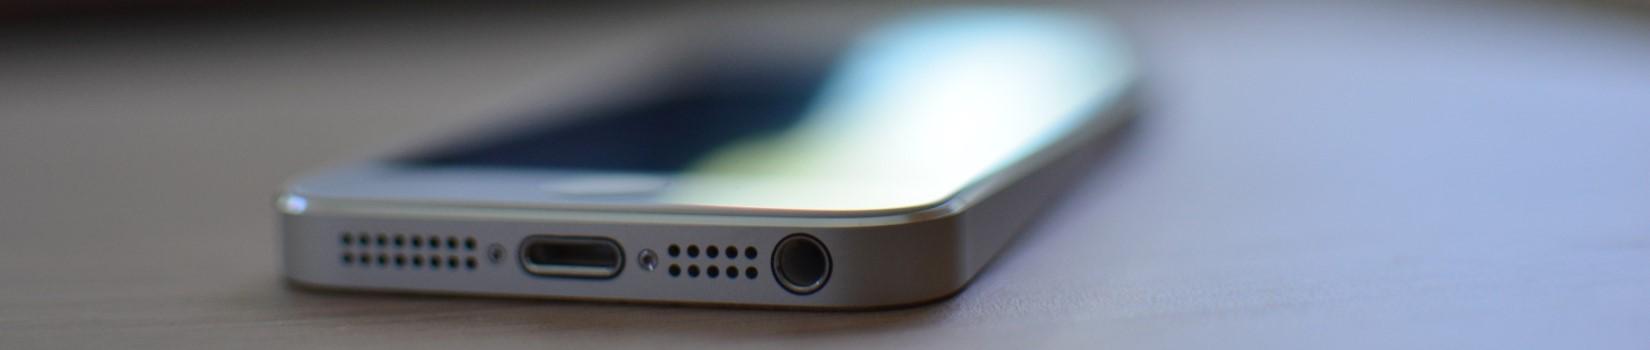 mobile-website-design-slider-1650x350